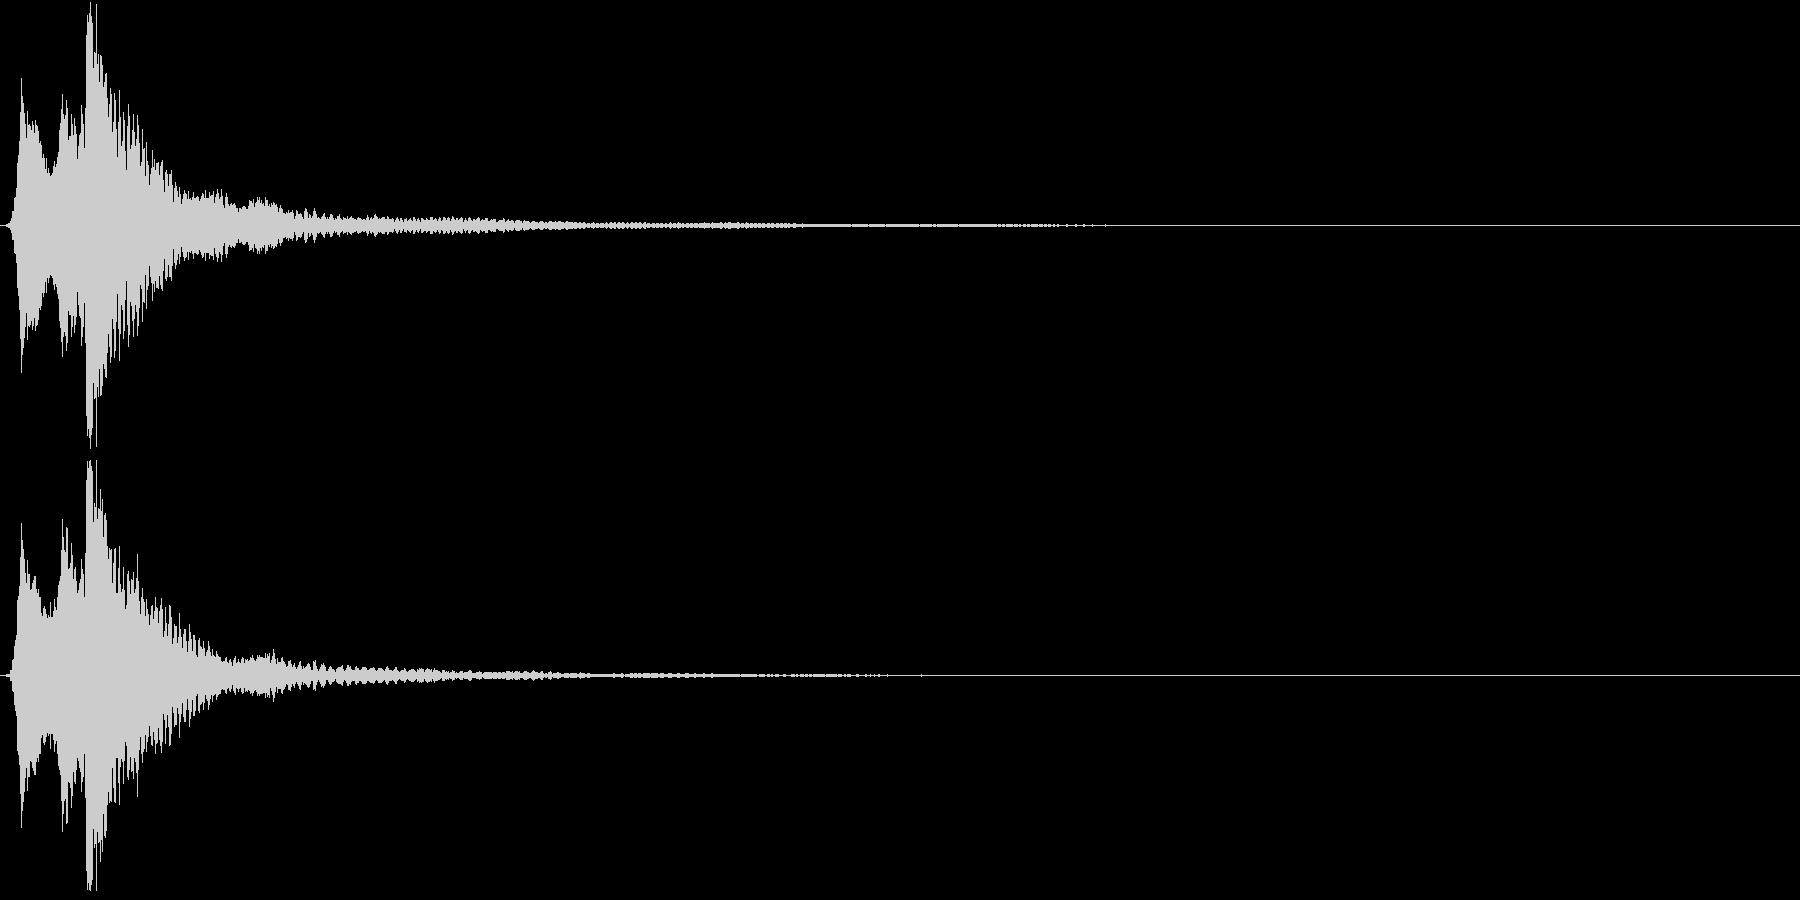 キラン。きらめく・テロップ音(高め)の未再生の波形